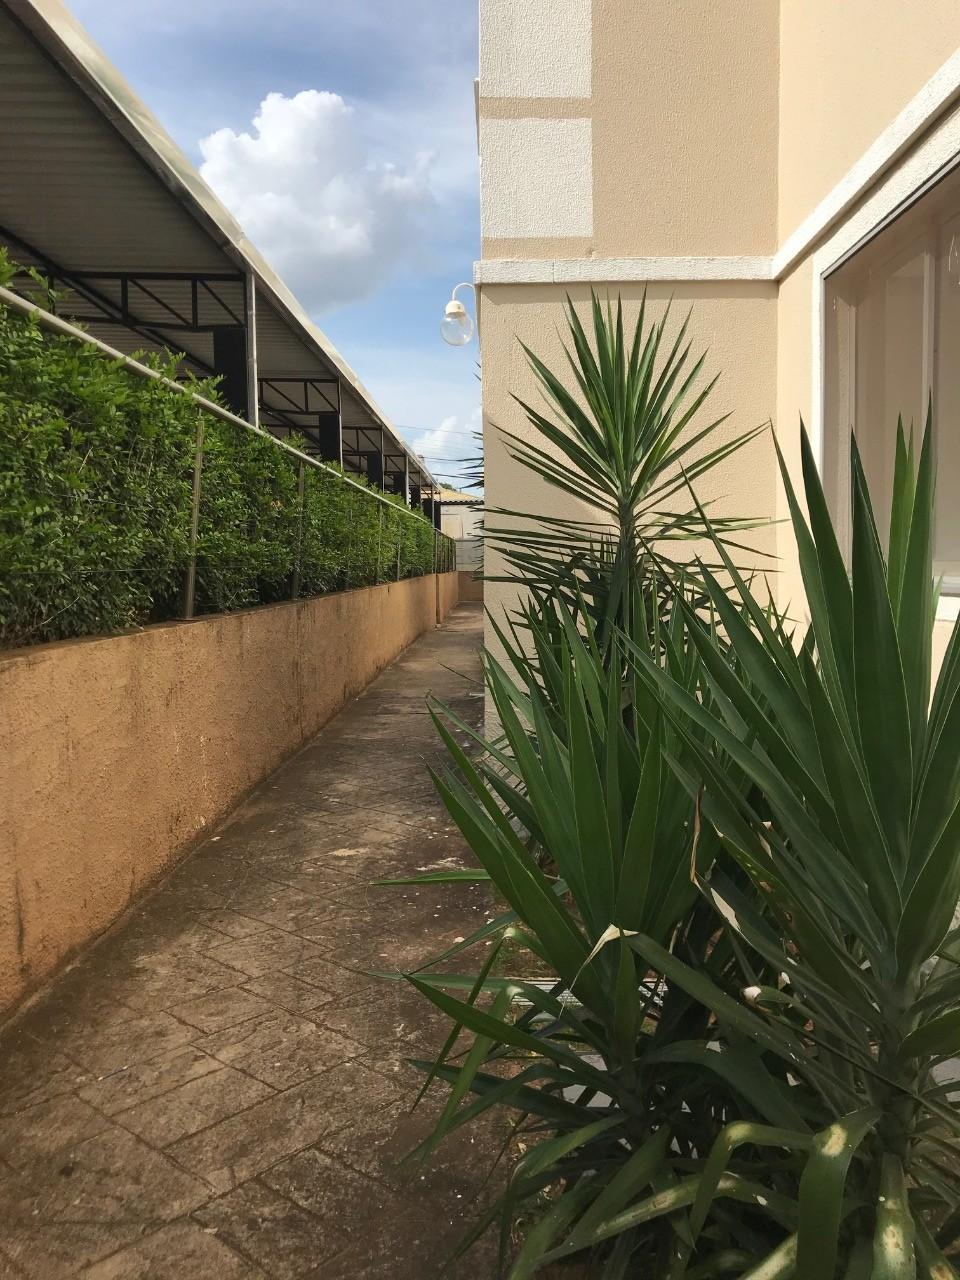 Comprar Apartamento / Padrão em Bauru apenas R$ 155.000,00 - Foto 15